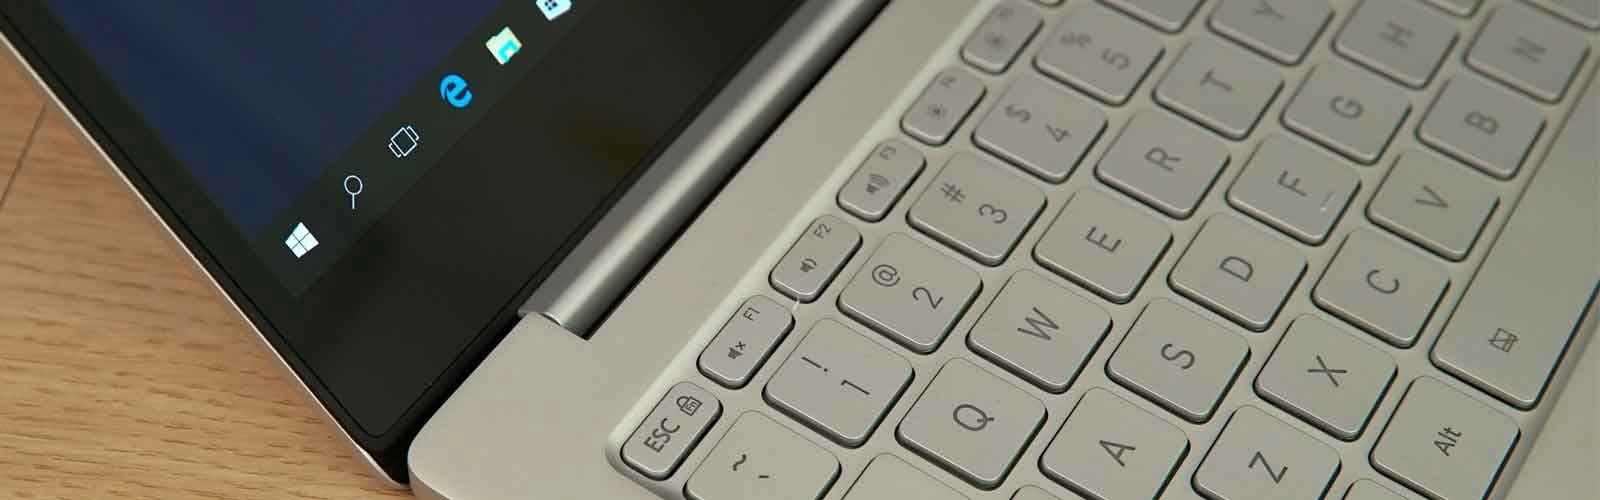 Servicio Técnico Portátiles Xiaomi Madrid